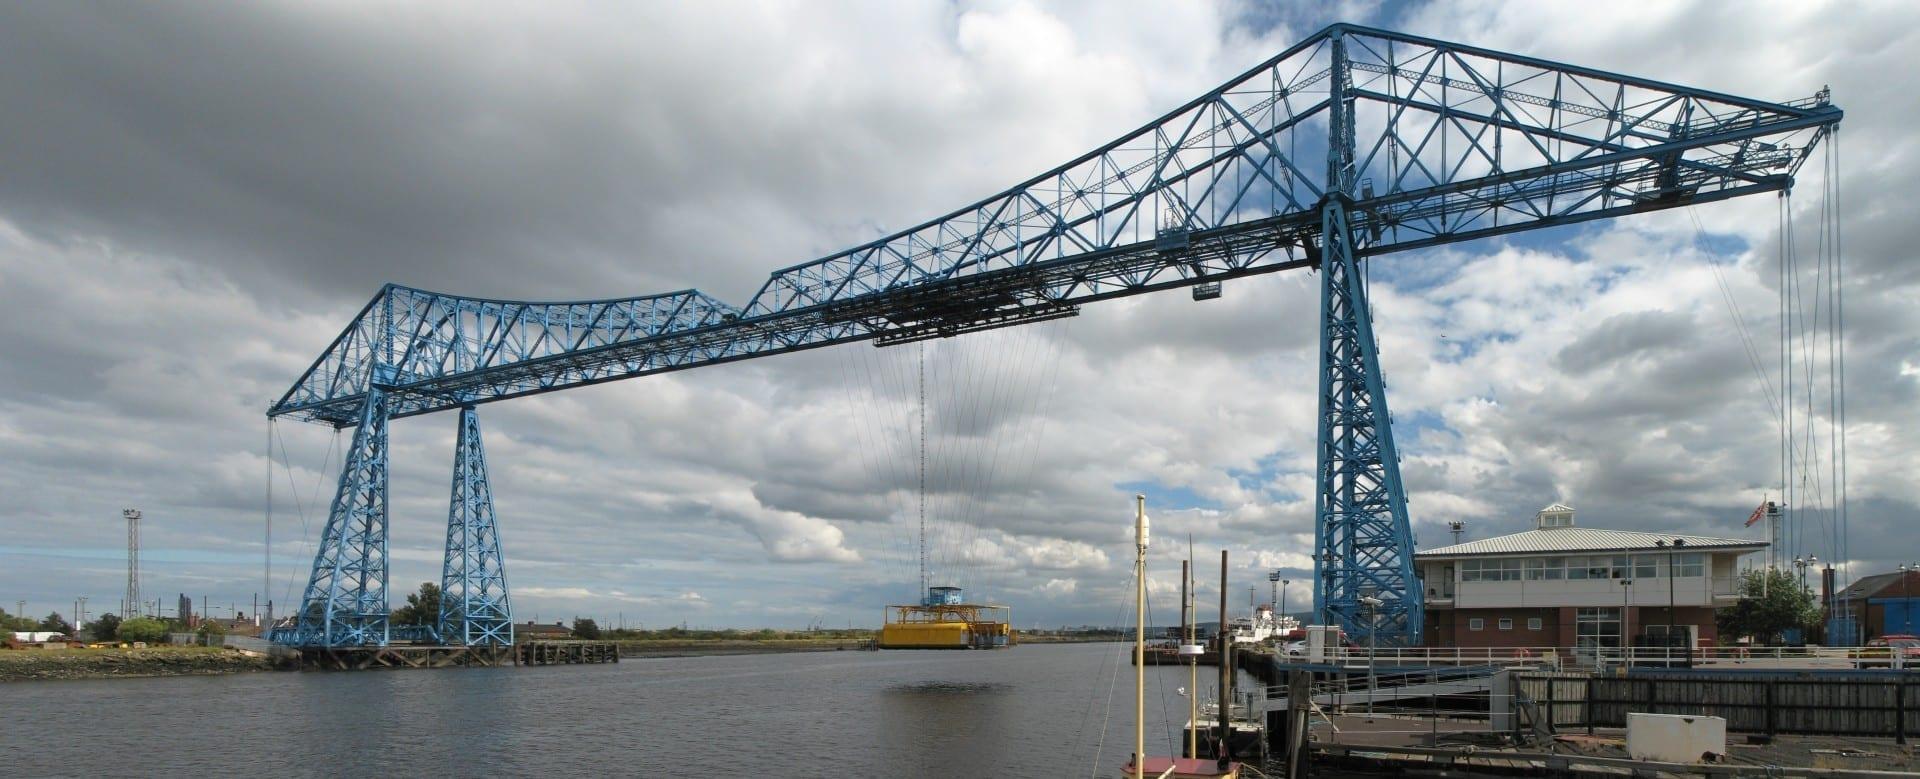 Puente transportador Middlesbrough Reino Unido